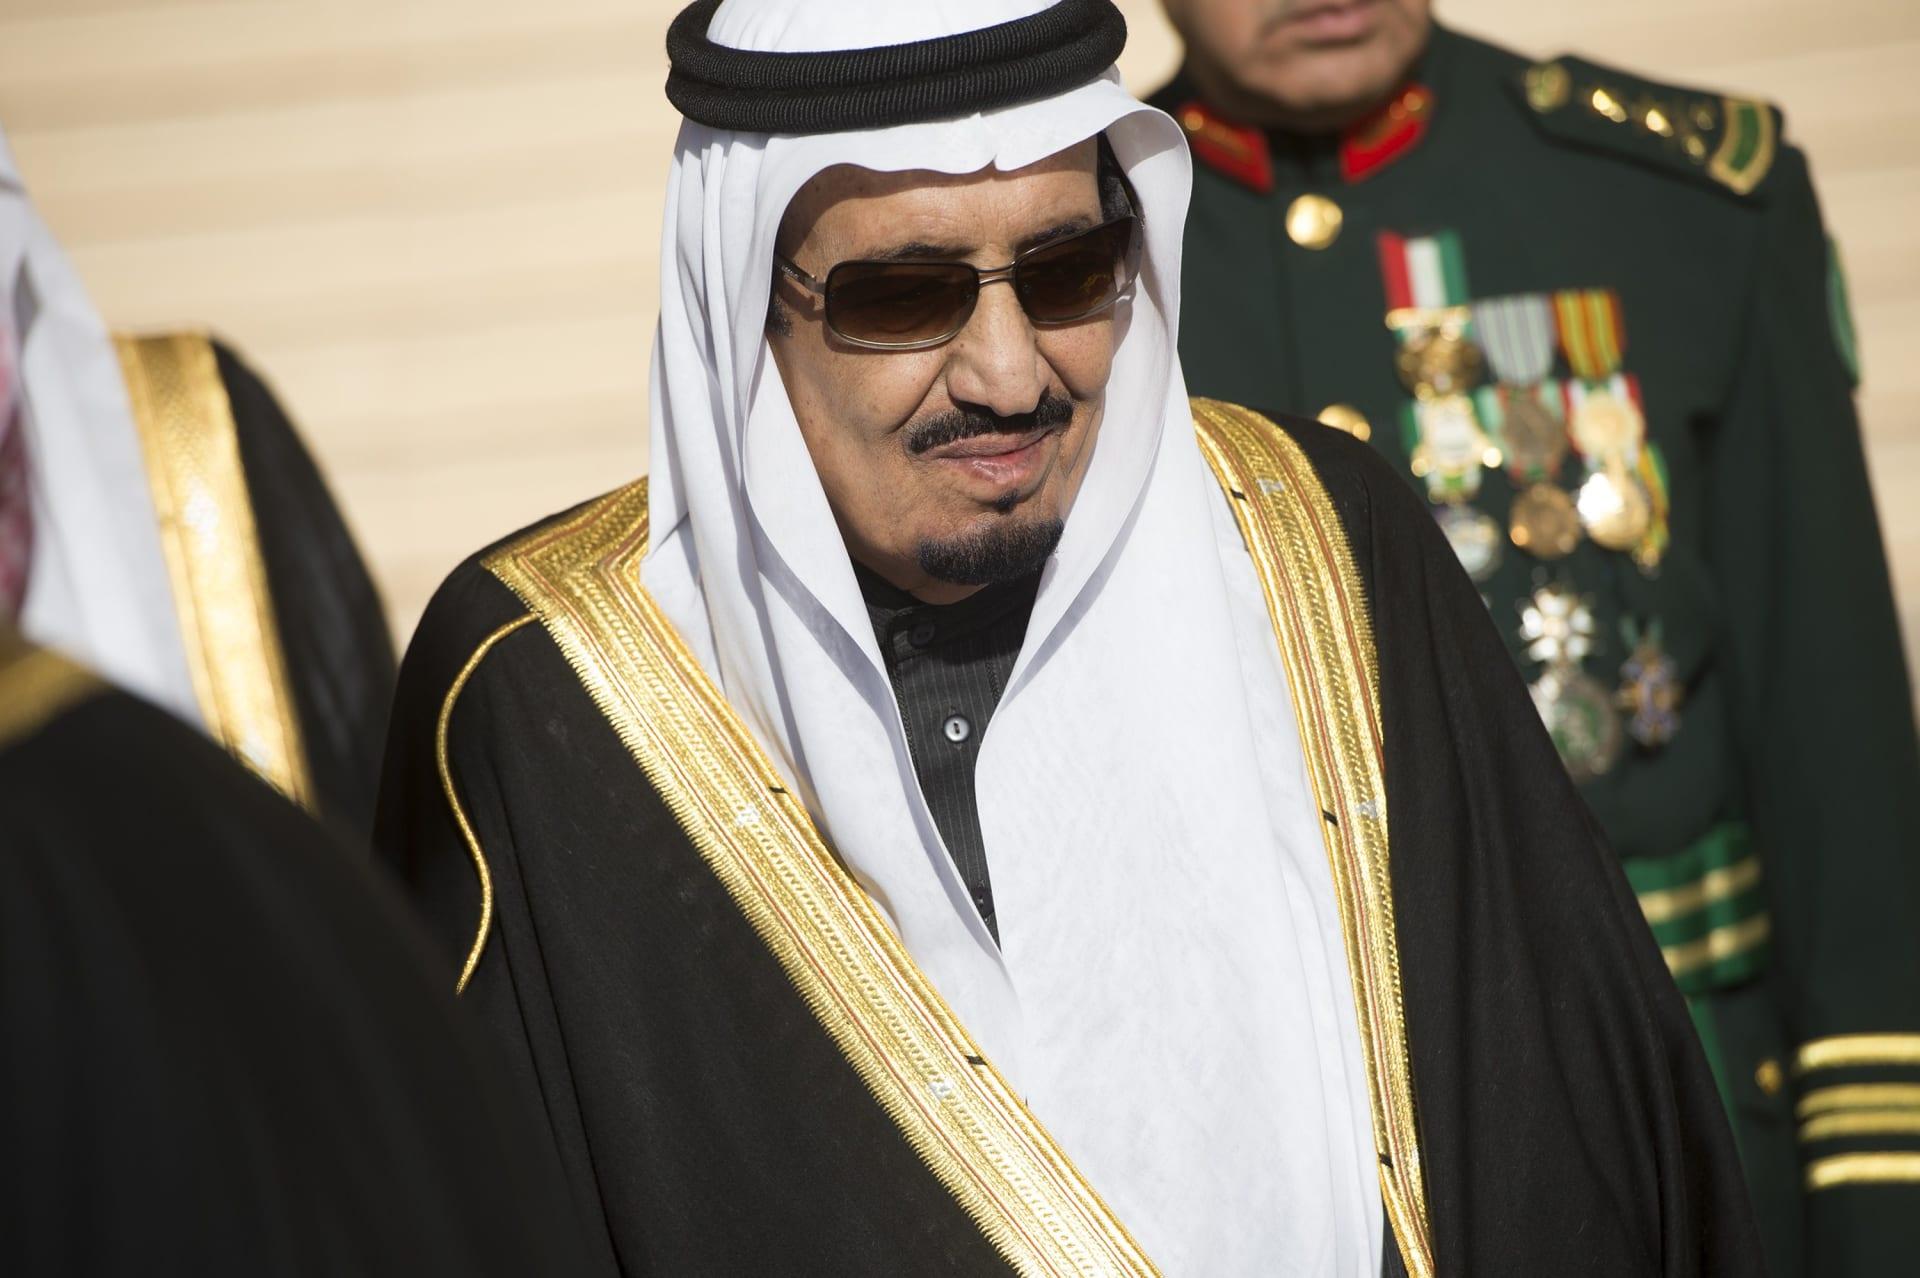 العاهل السعودي يتلقى الجرعة الأولى من لقاح فيروس كورونا